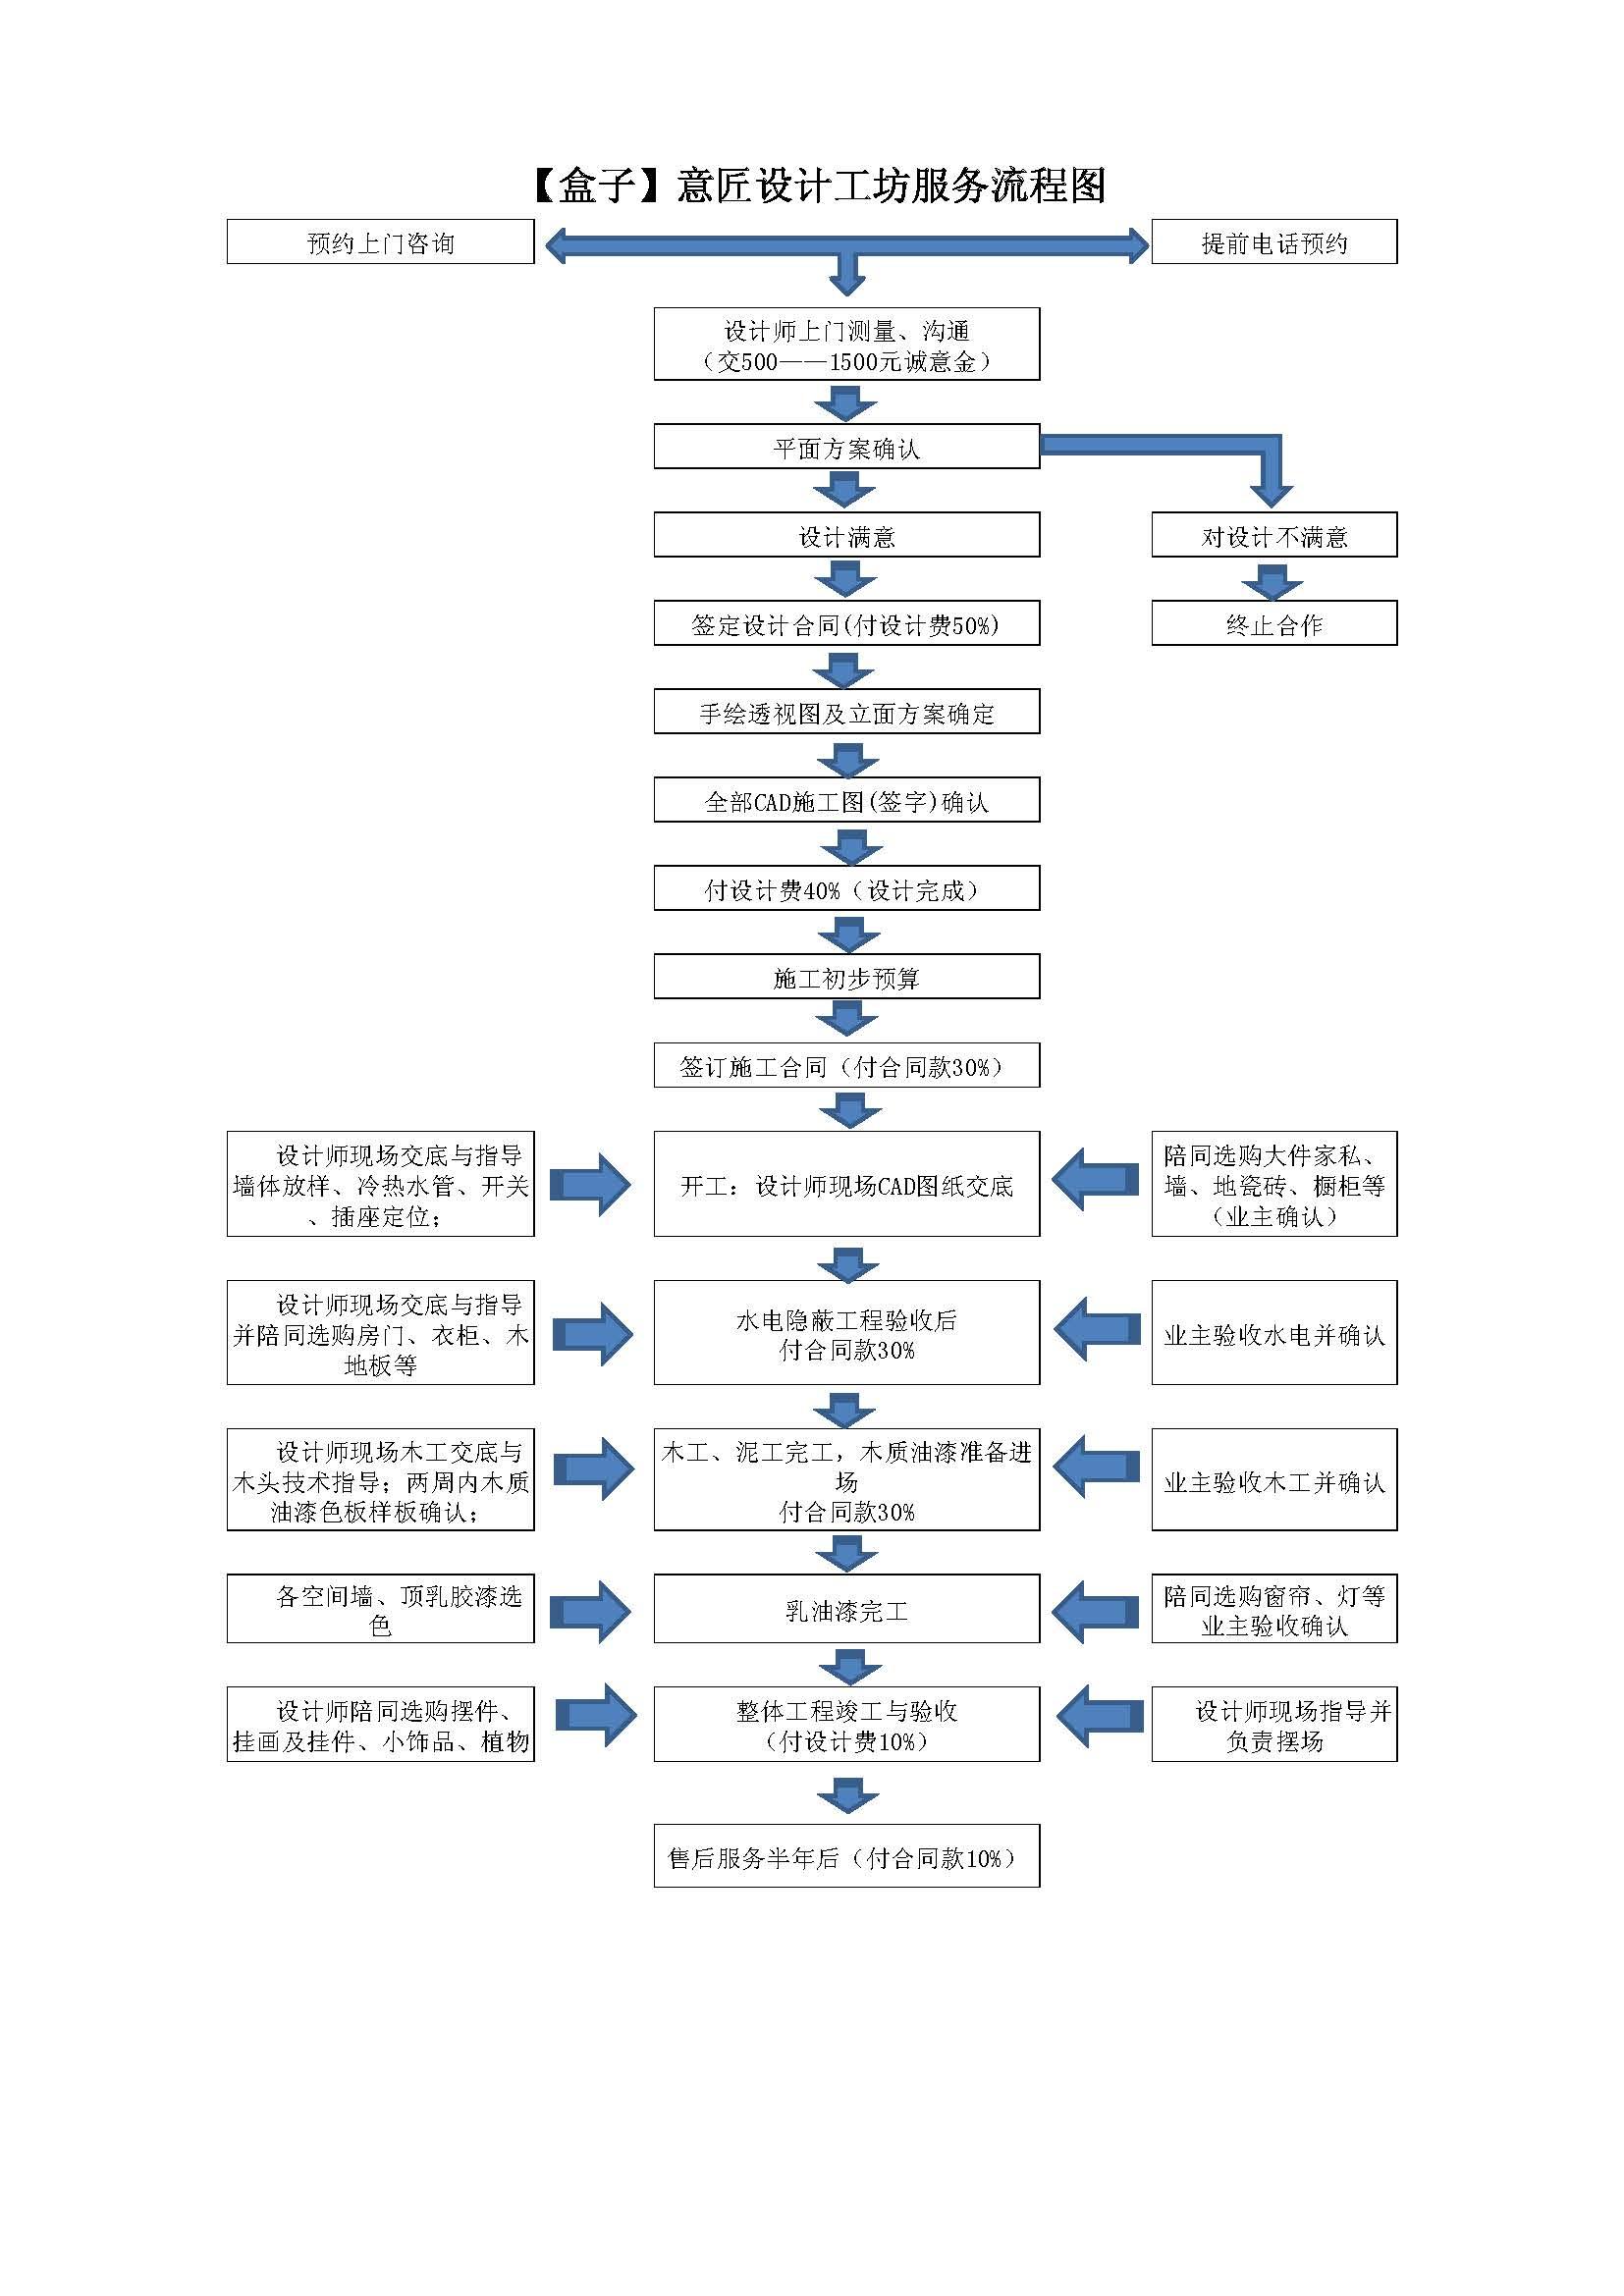 > 【盒子】意匠设计工坊——服务流程图